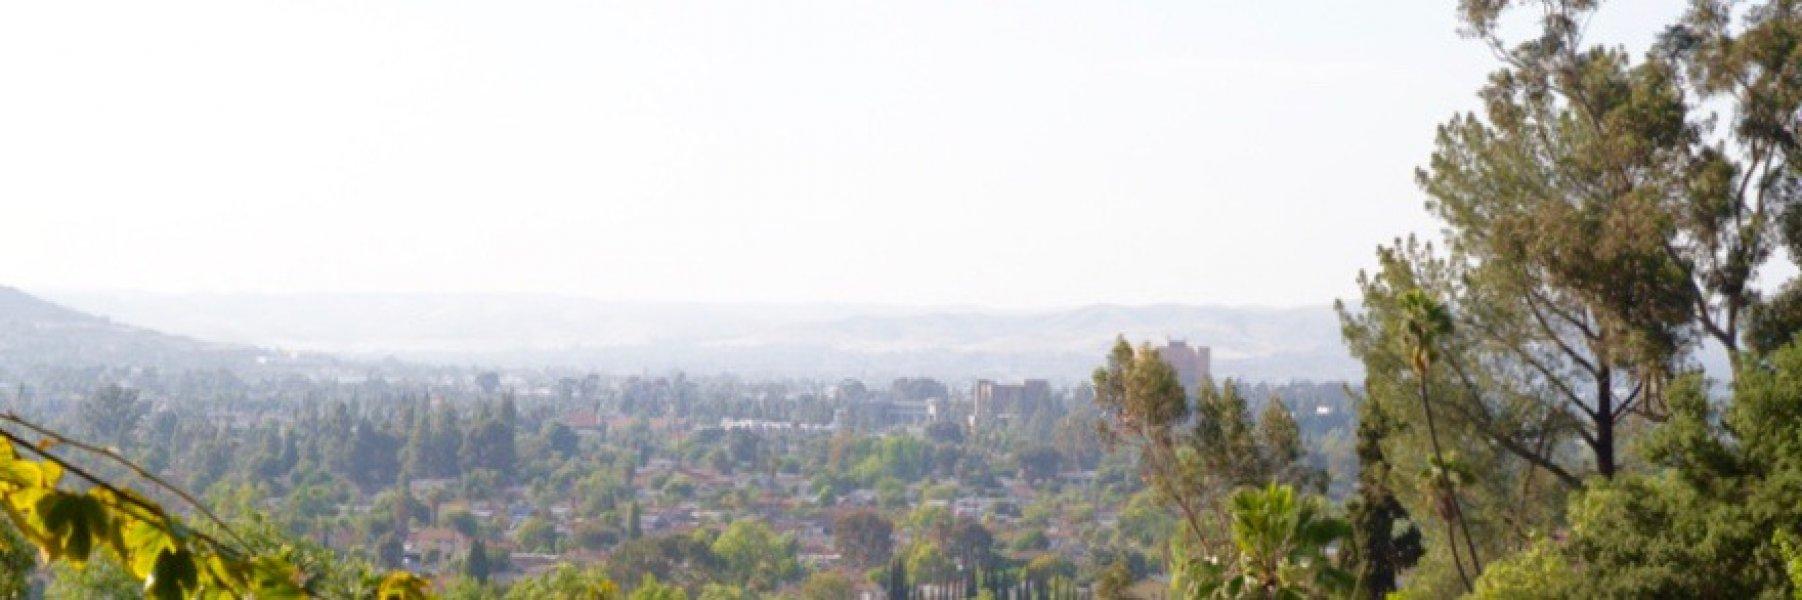 Rancho El Cajon Community of Homes in El Cajon